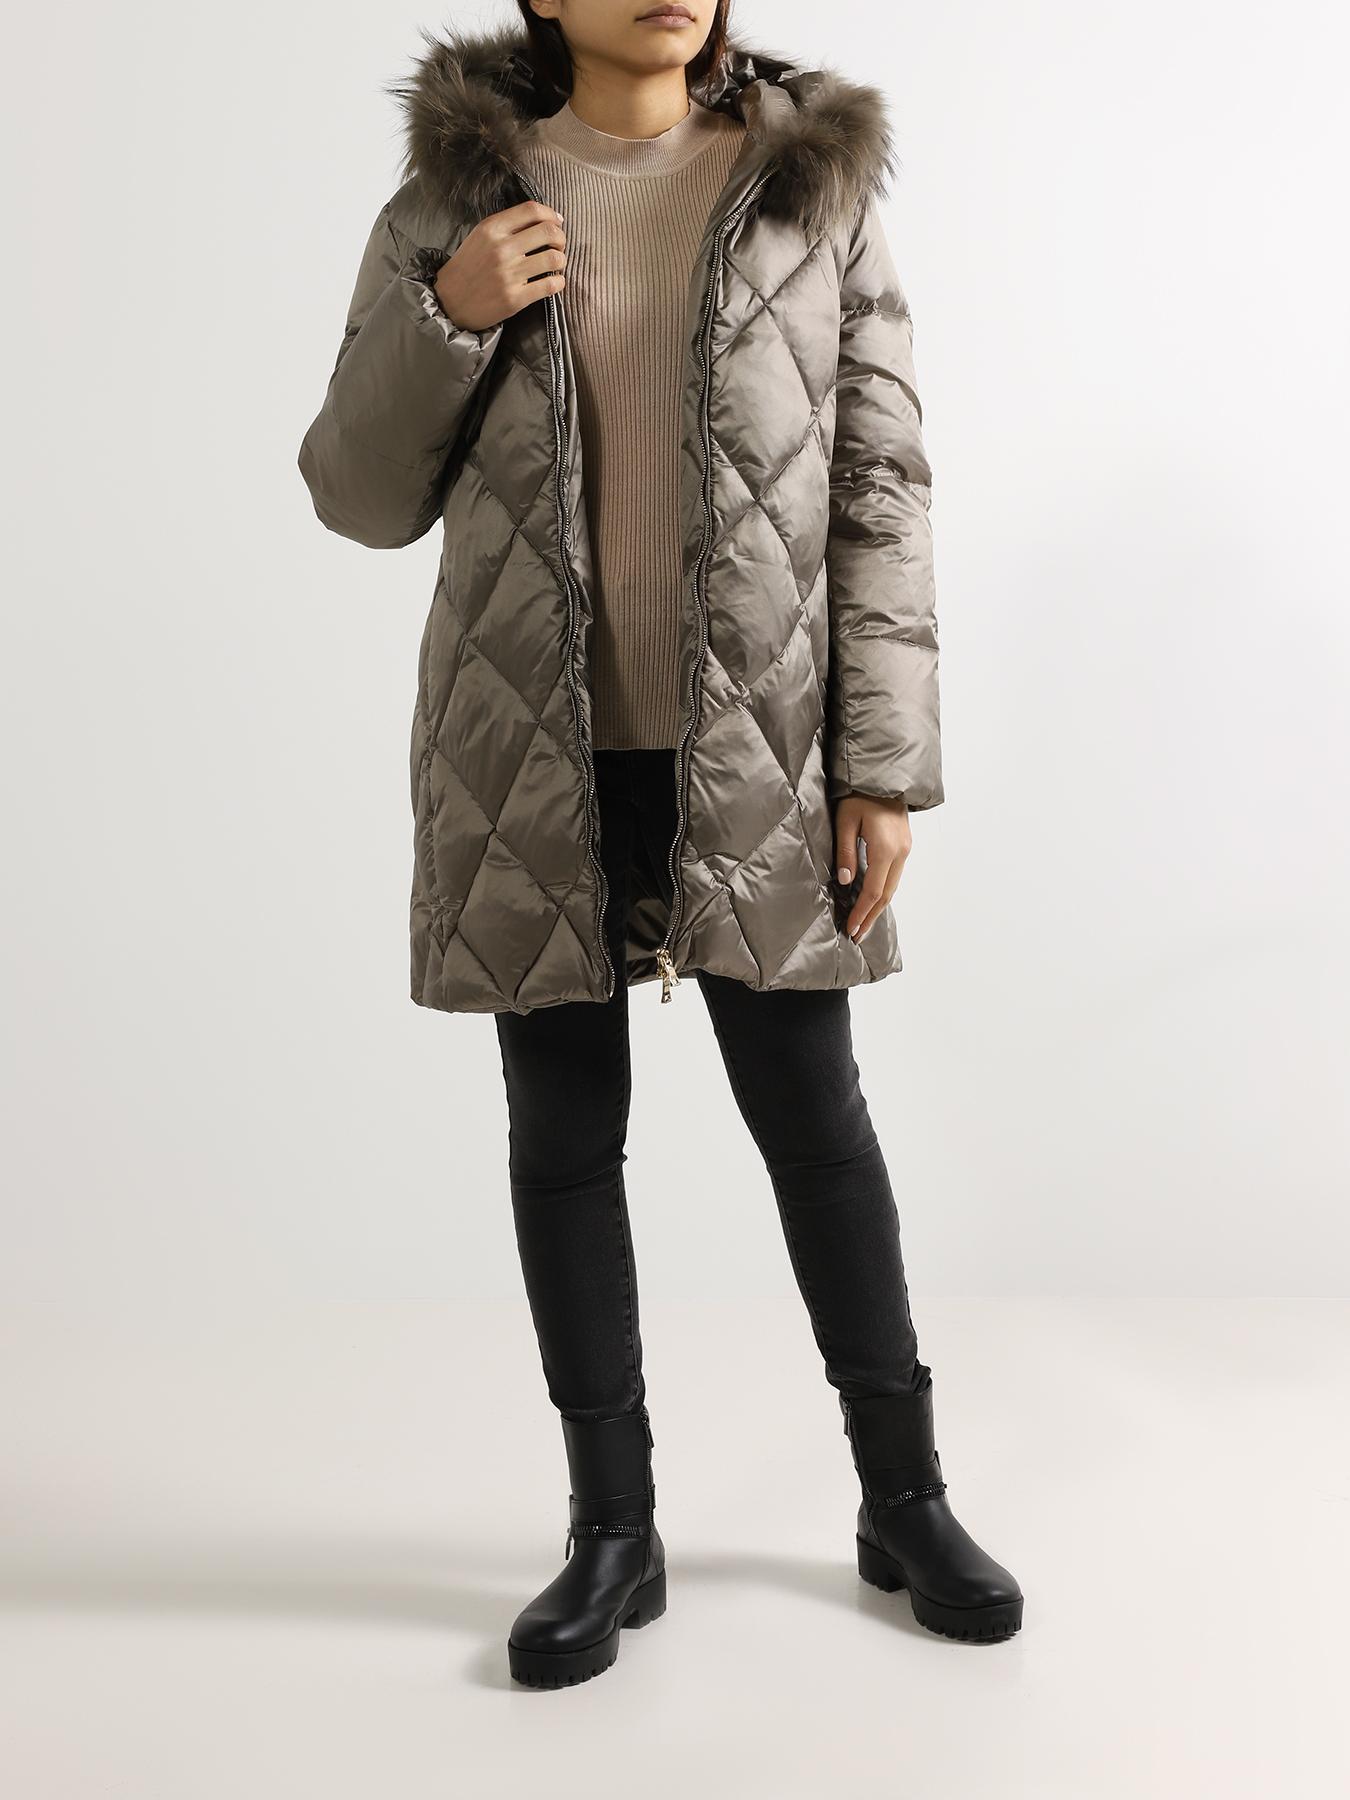 Полупальто ORSA Couture Женский пуховик недорого